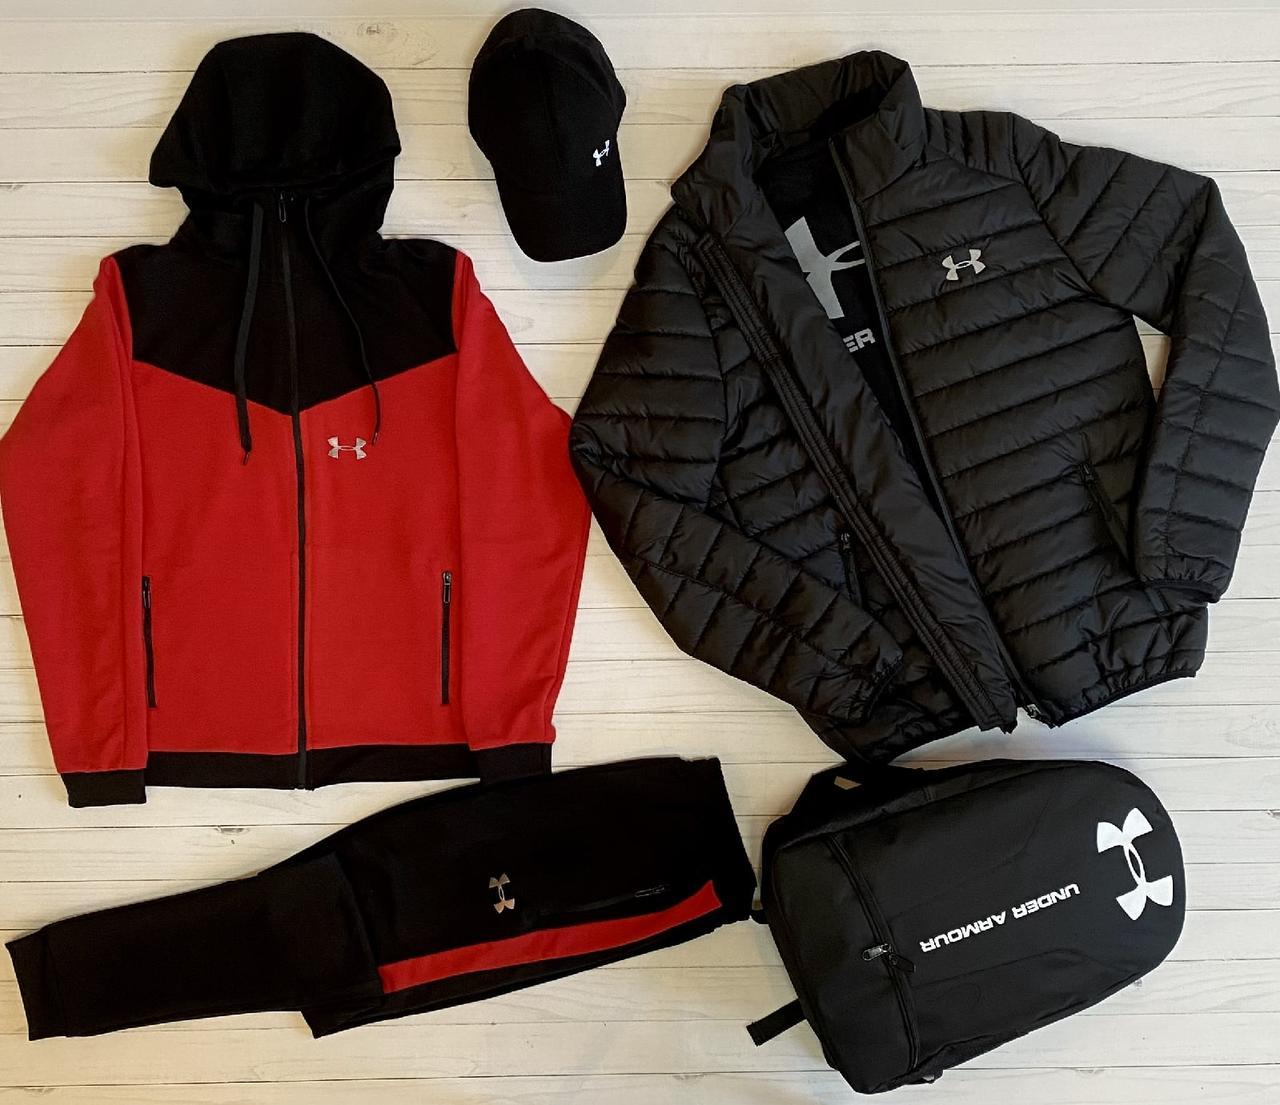 .Under Armour мужской красный спортивный костюм+Куртка весна.Under Armour Костюм Футболка Куртка Рюкзак Кепка